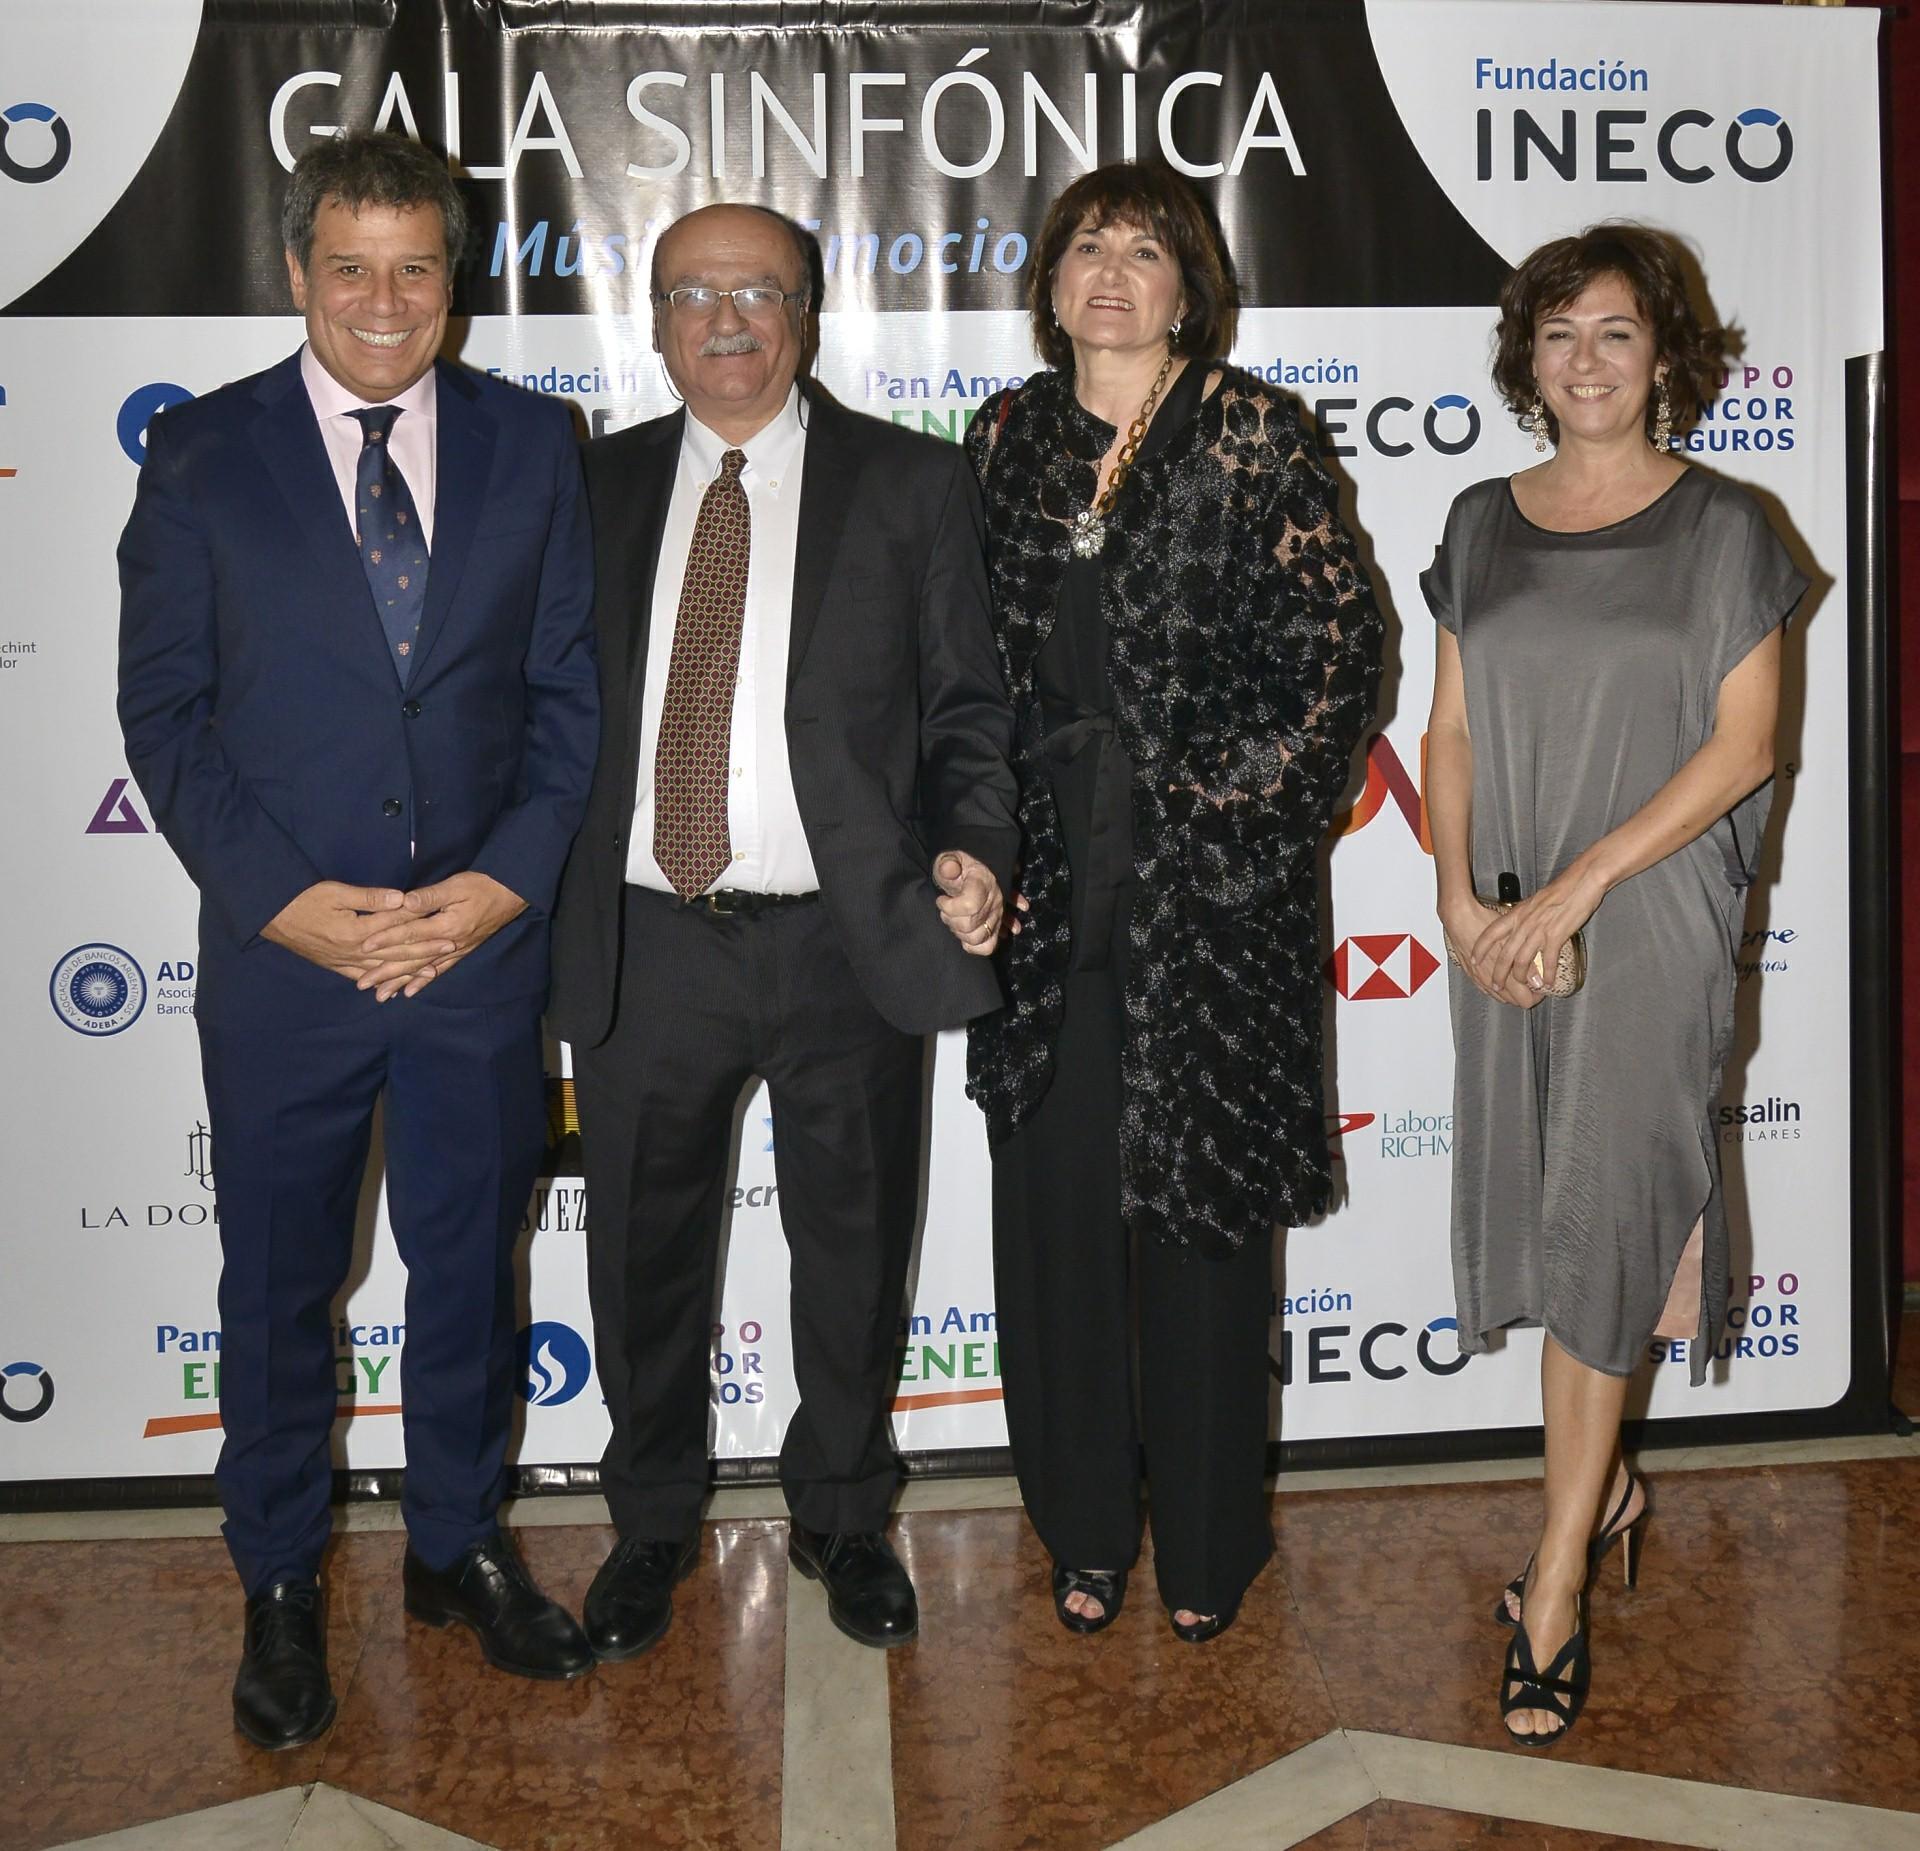 Facundo y Josefina Manes junto a José Bueri, jefe de Neurología del Hospital Universitario Austral